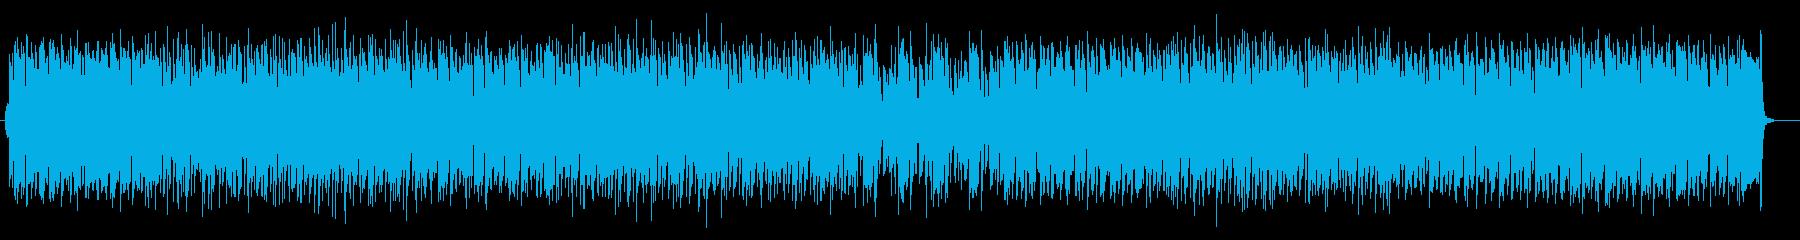 可愛らしく木琴が印象的なテクノの再生済みの波形